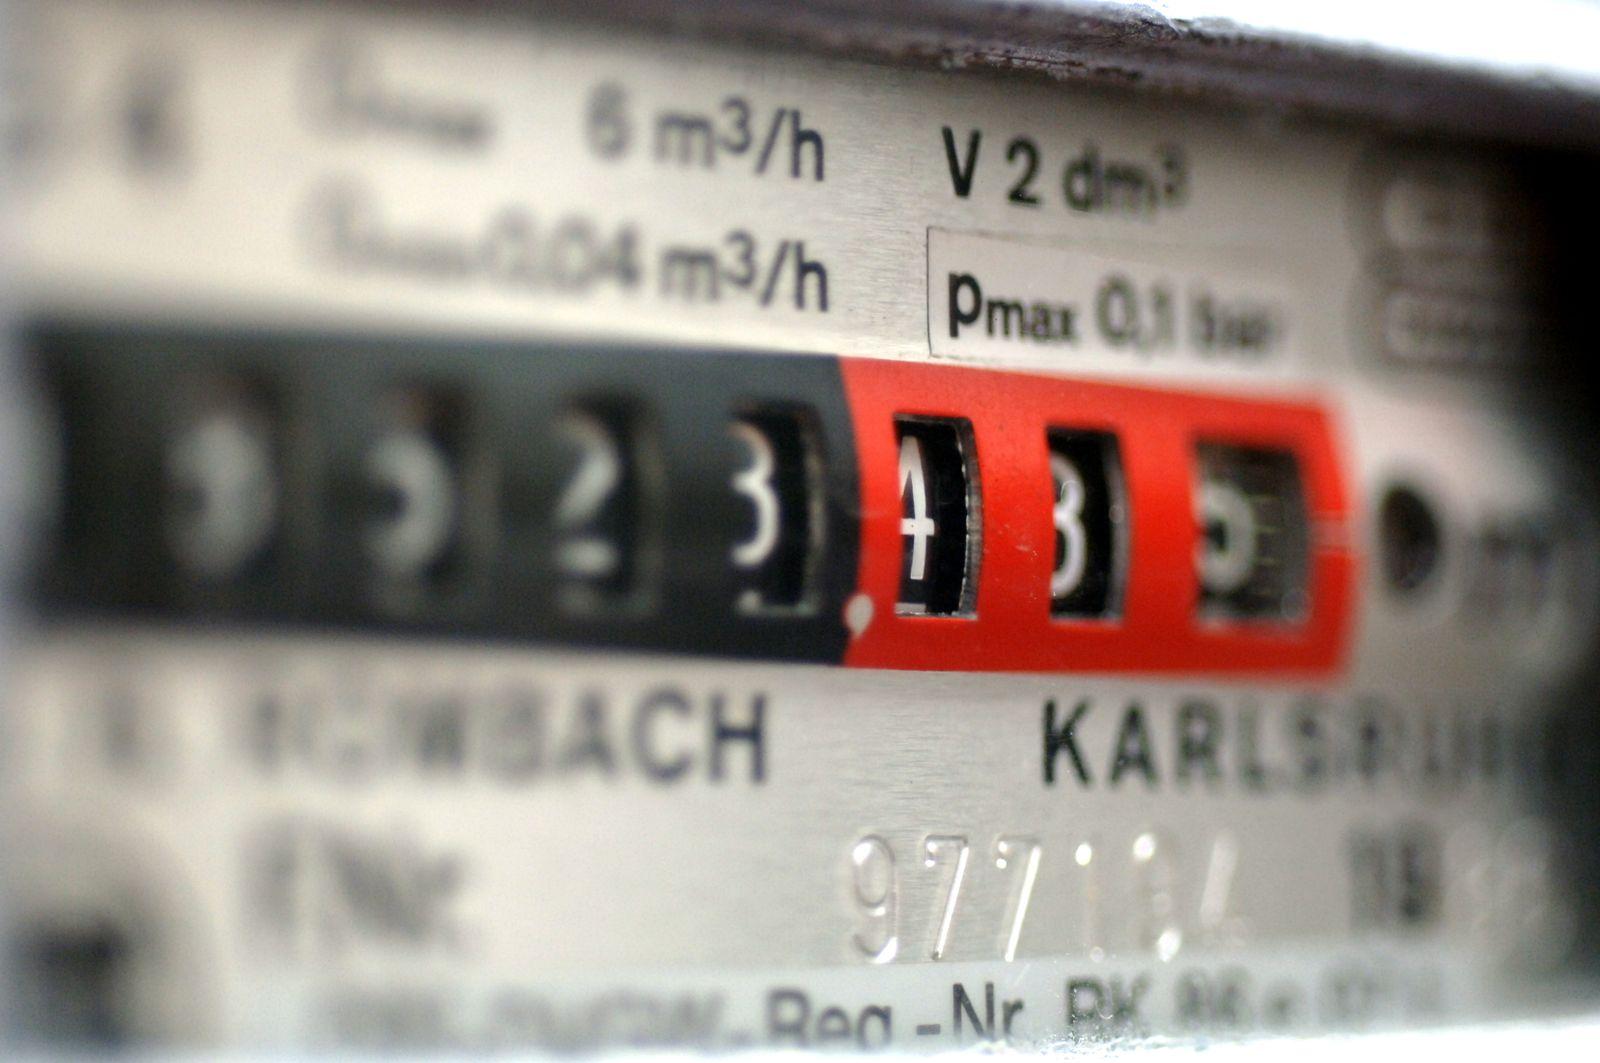 Gaspreis / Gaszähler